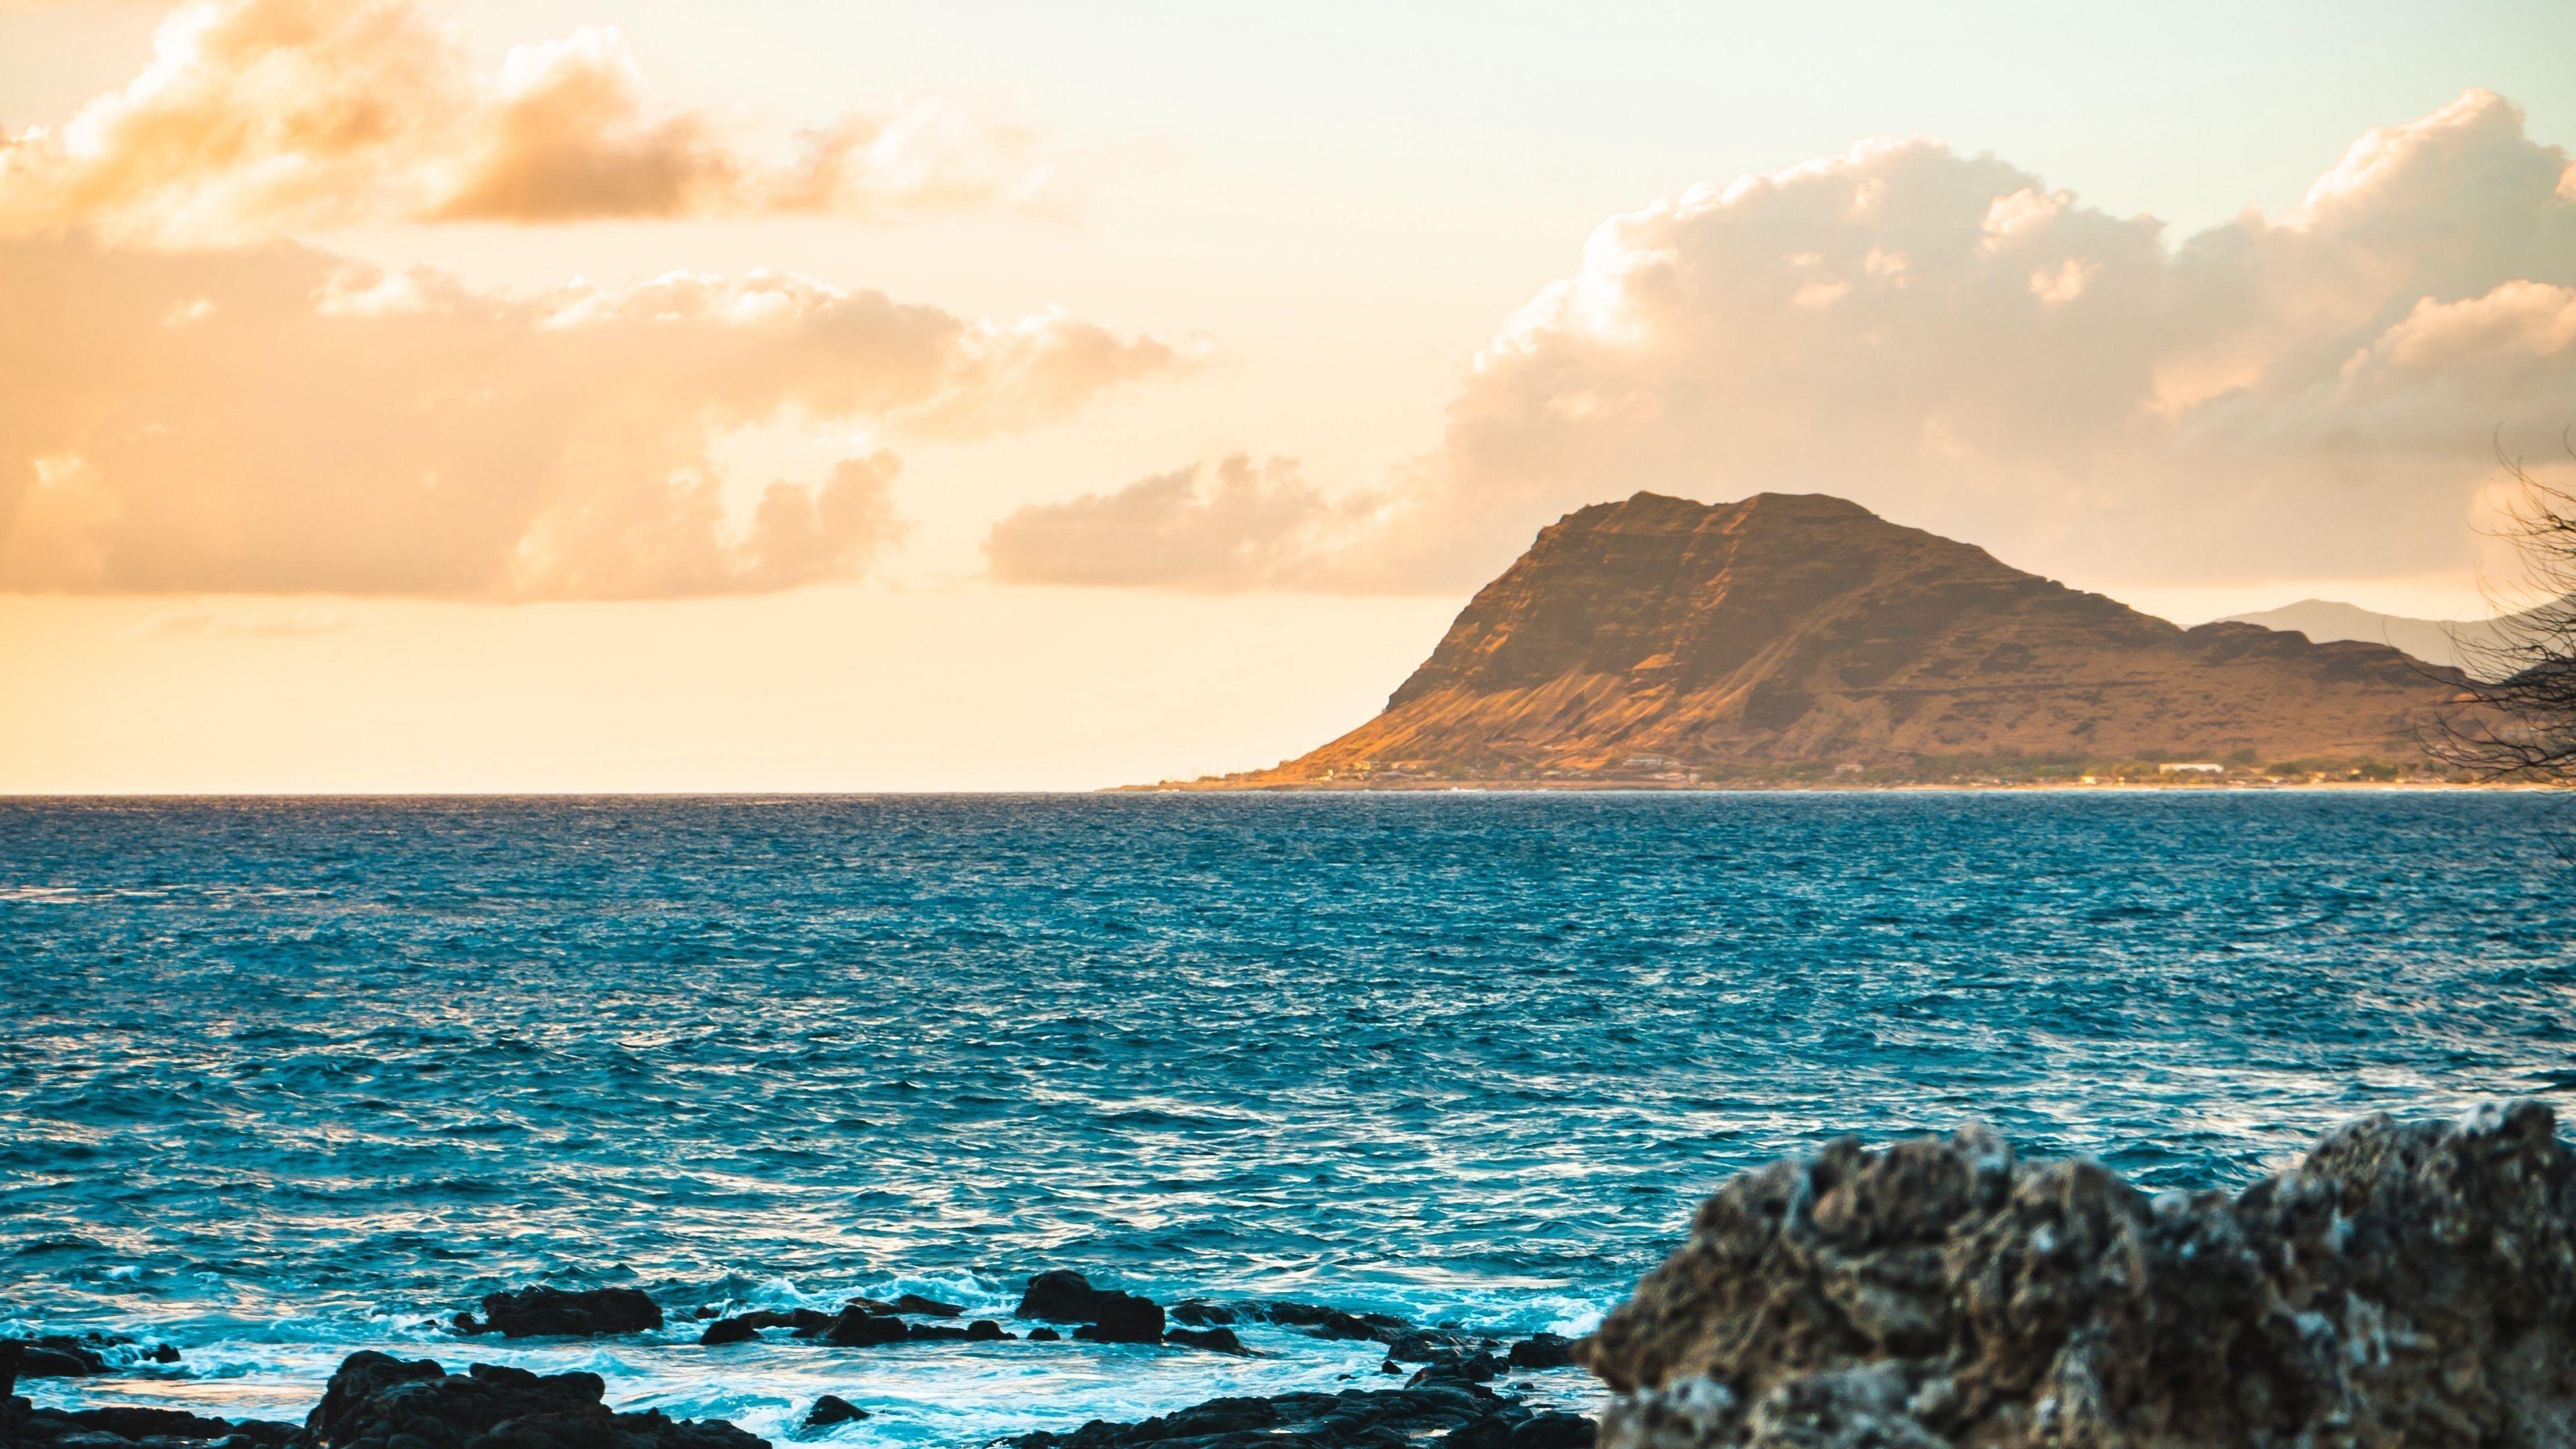 Коричневая гора перед голубым океаном в дневное время природа обои скачать